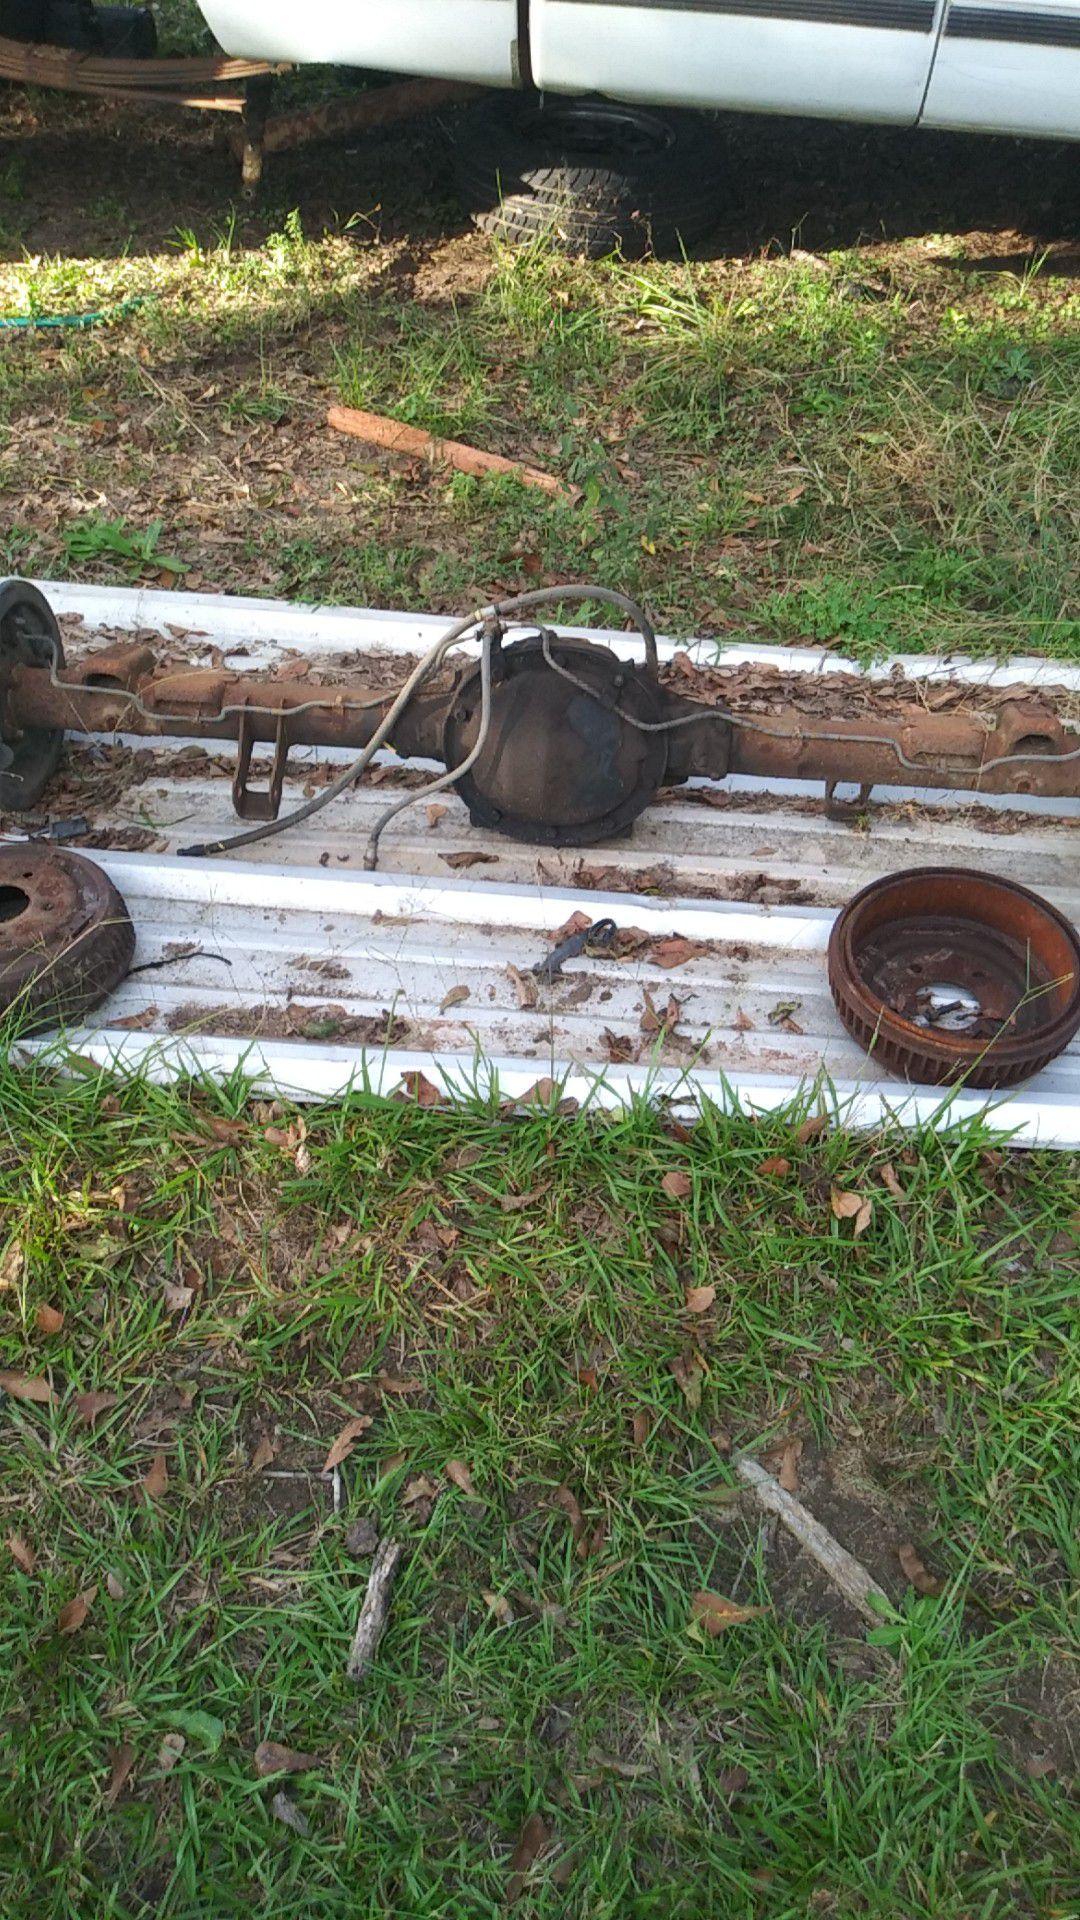 Rear axle out of 95 chevy Silverado